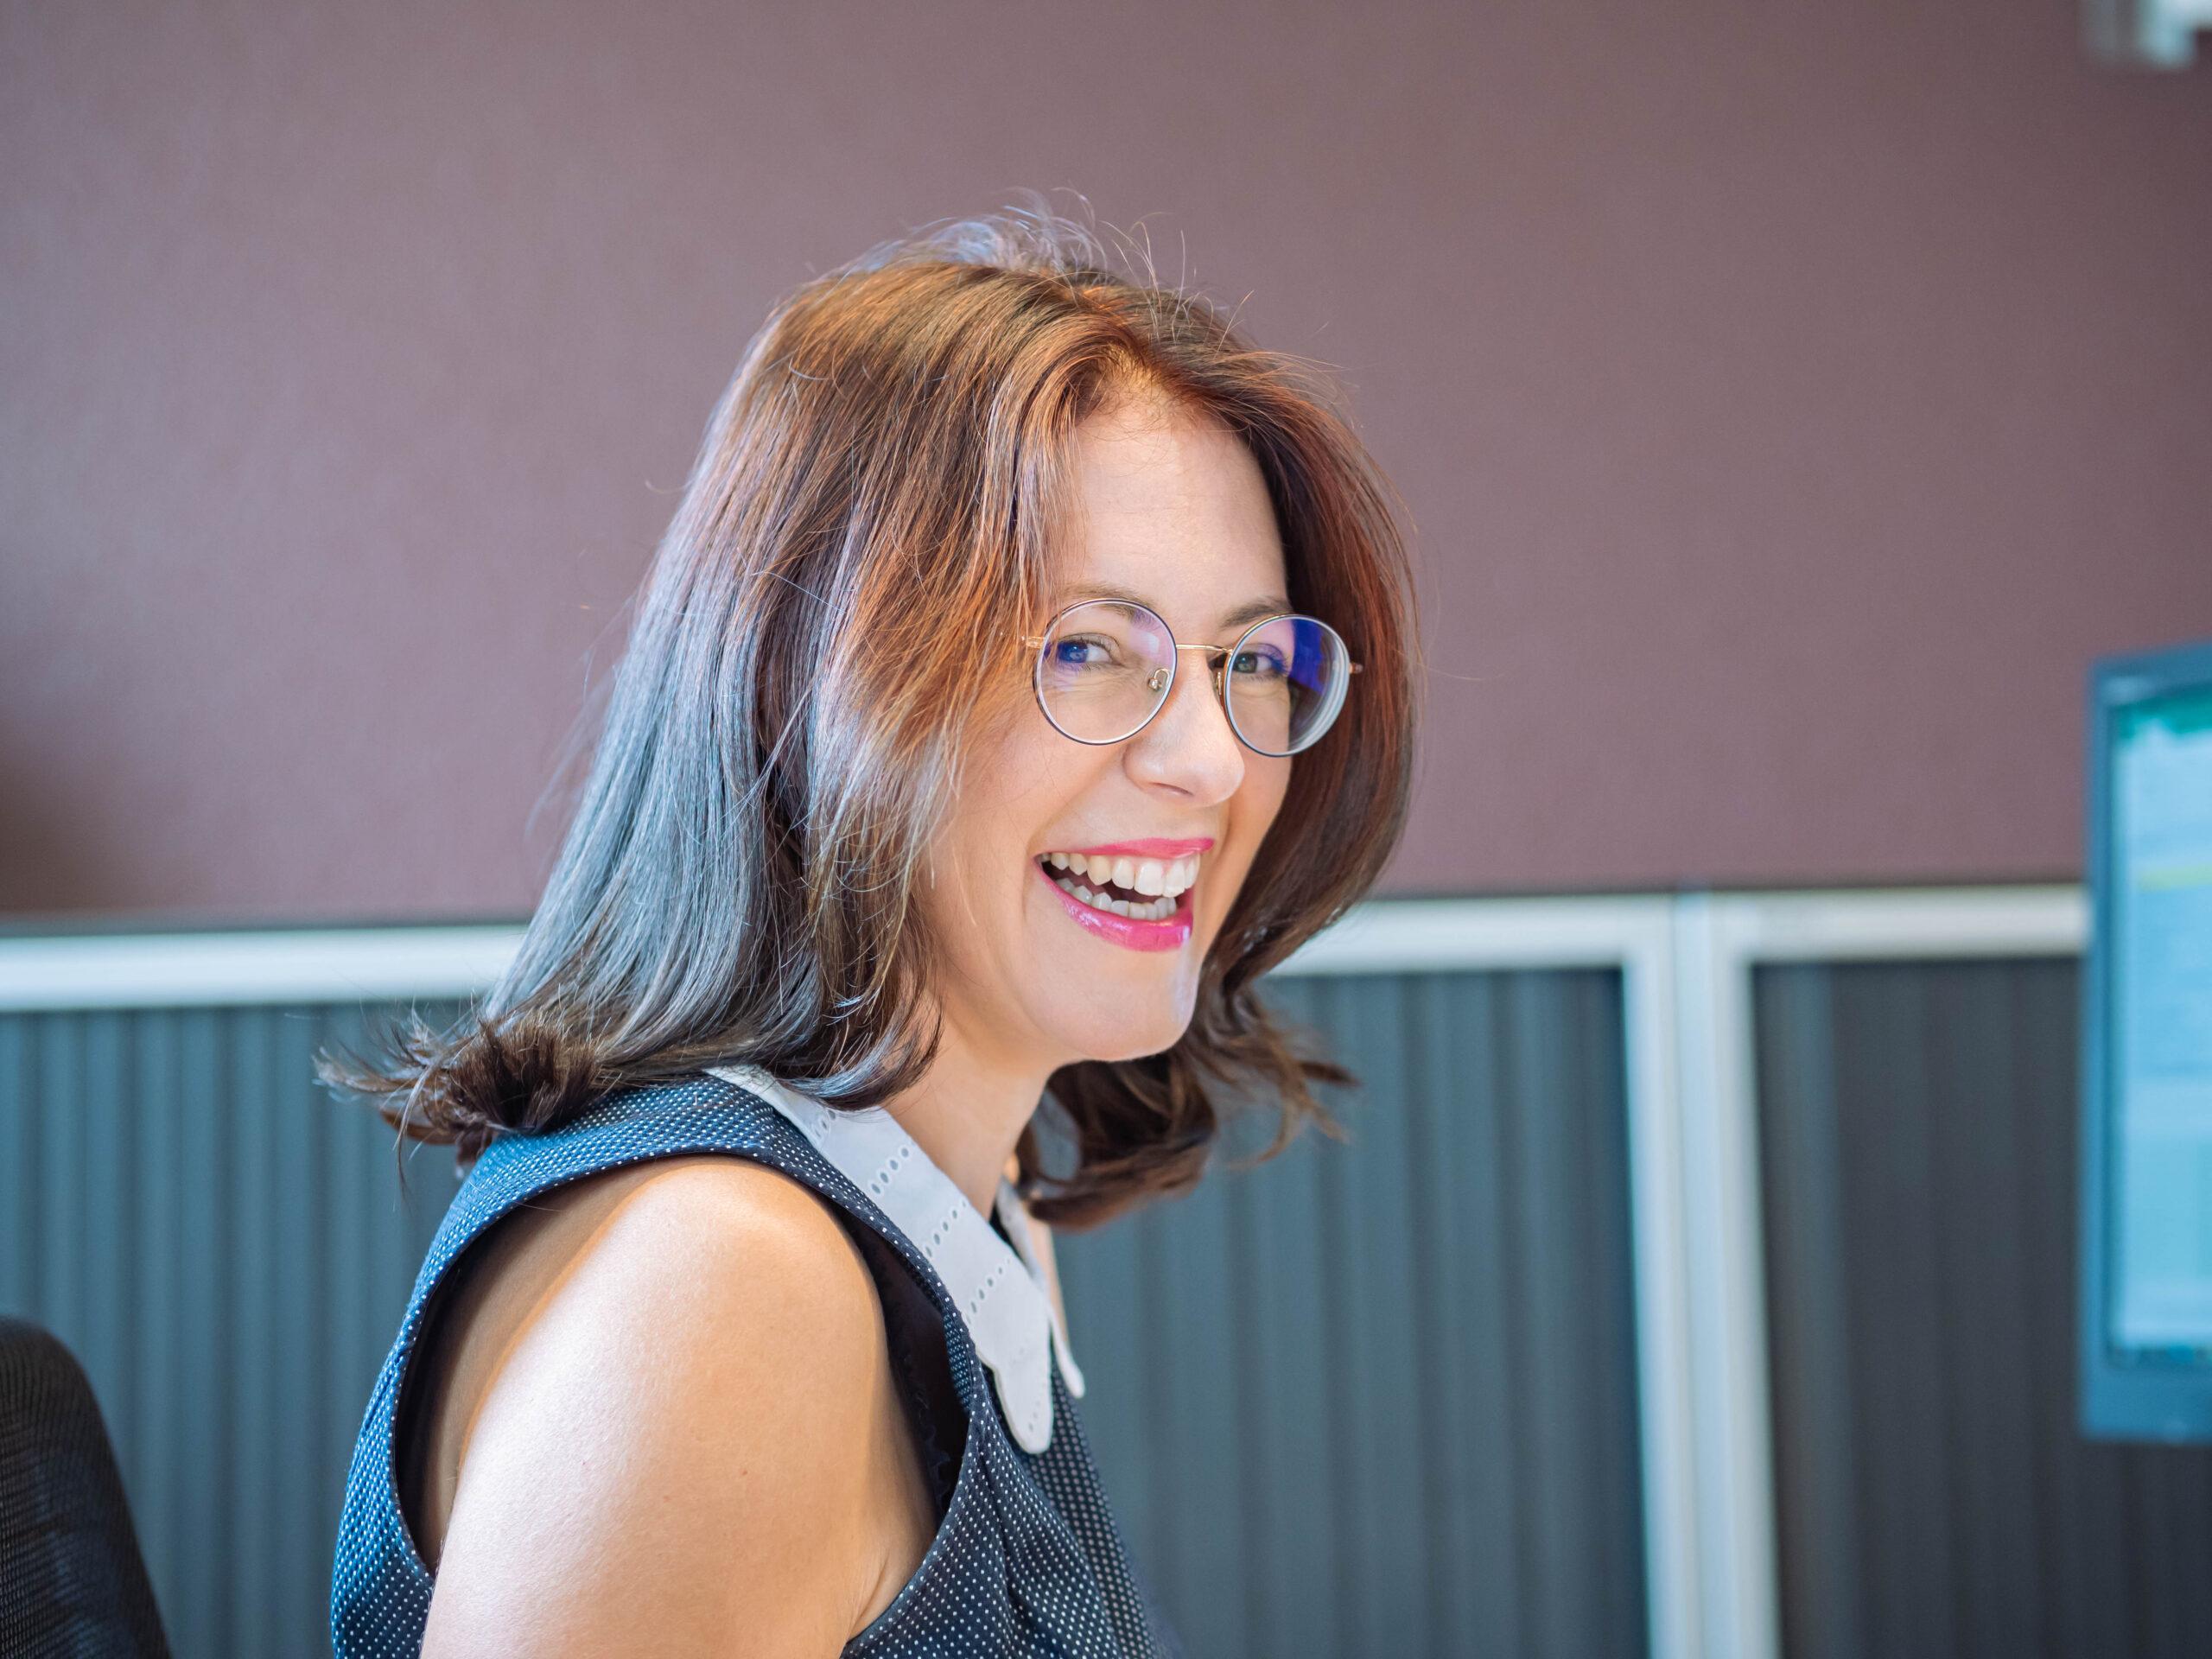 Christelle                                                    Olsommer                                                    - Expert économiste